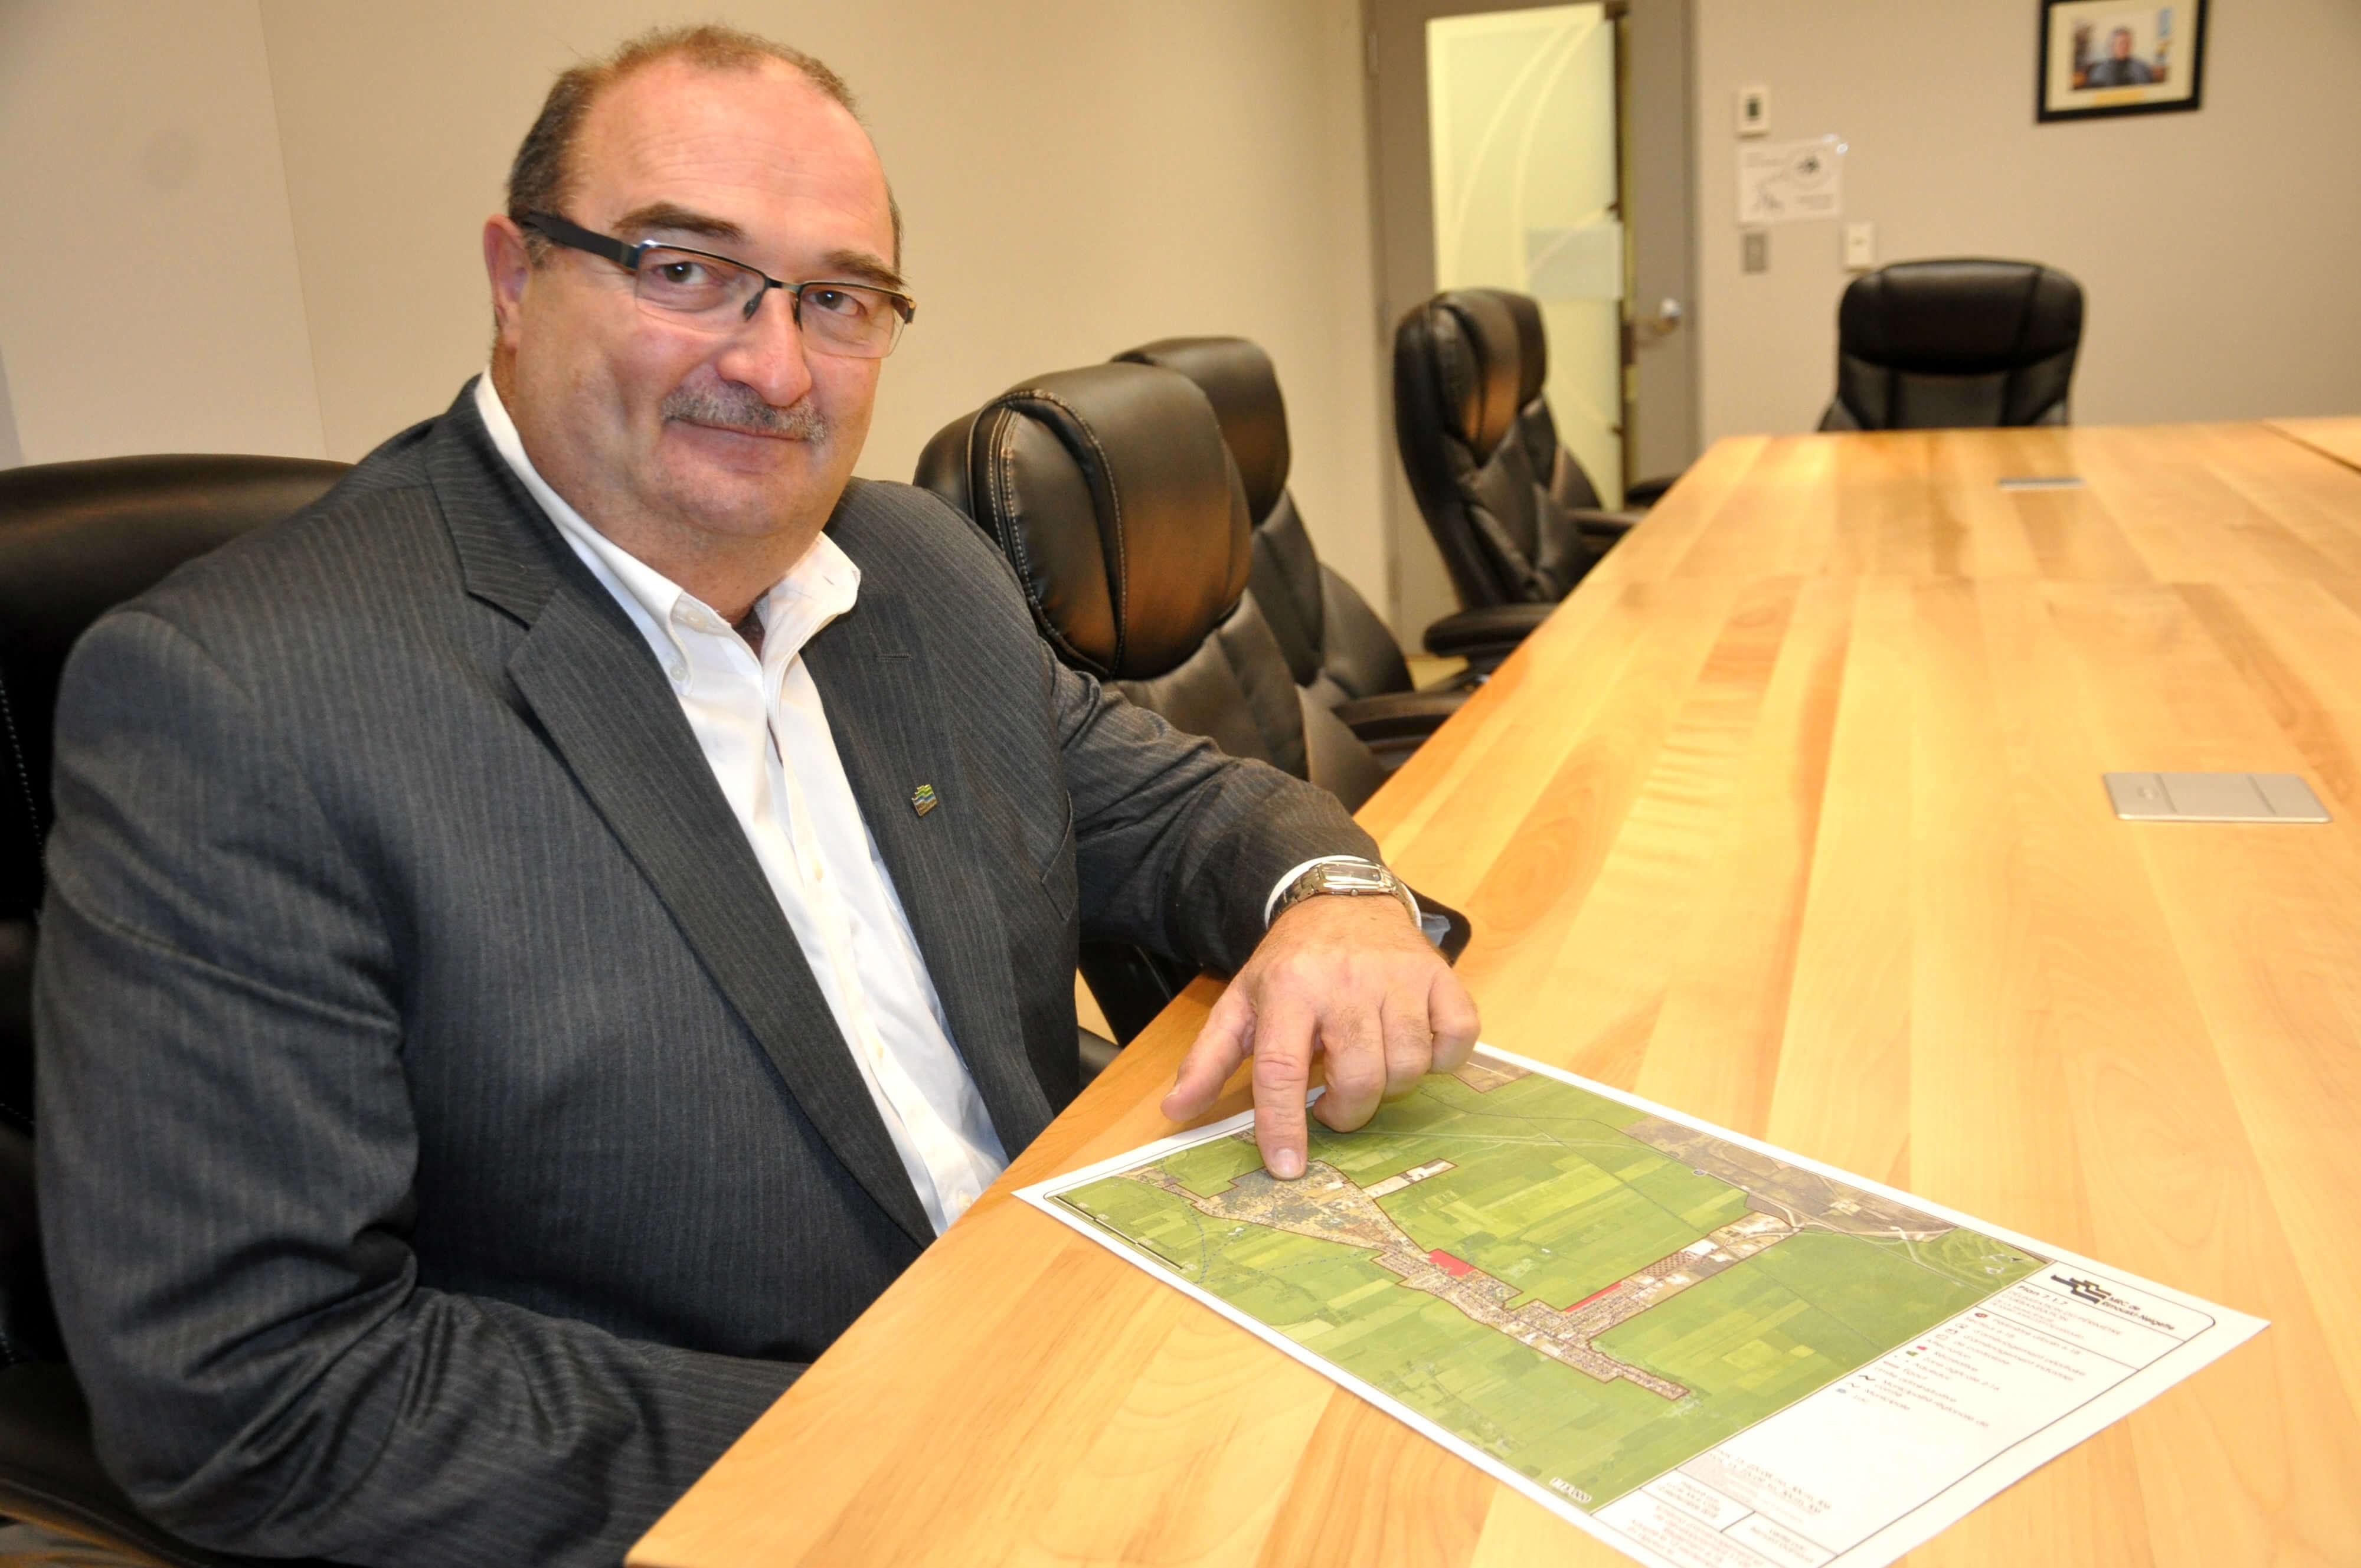 Le maire de Saint-Anaclet, Francis St-Pierre, montrant le secteur prévu pour le futur développement résidentiel.